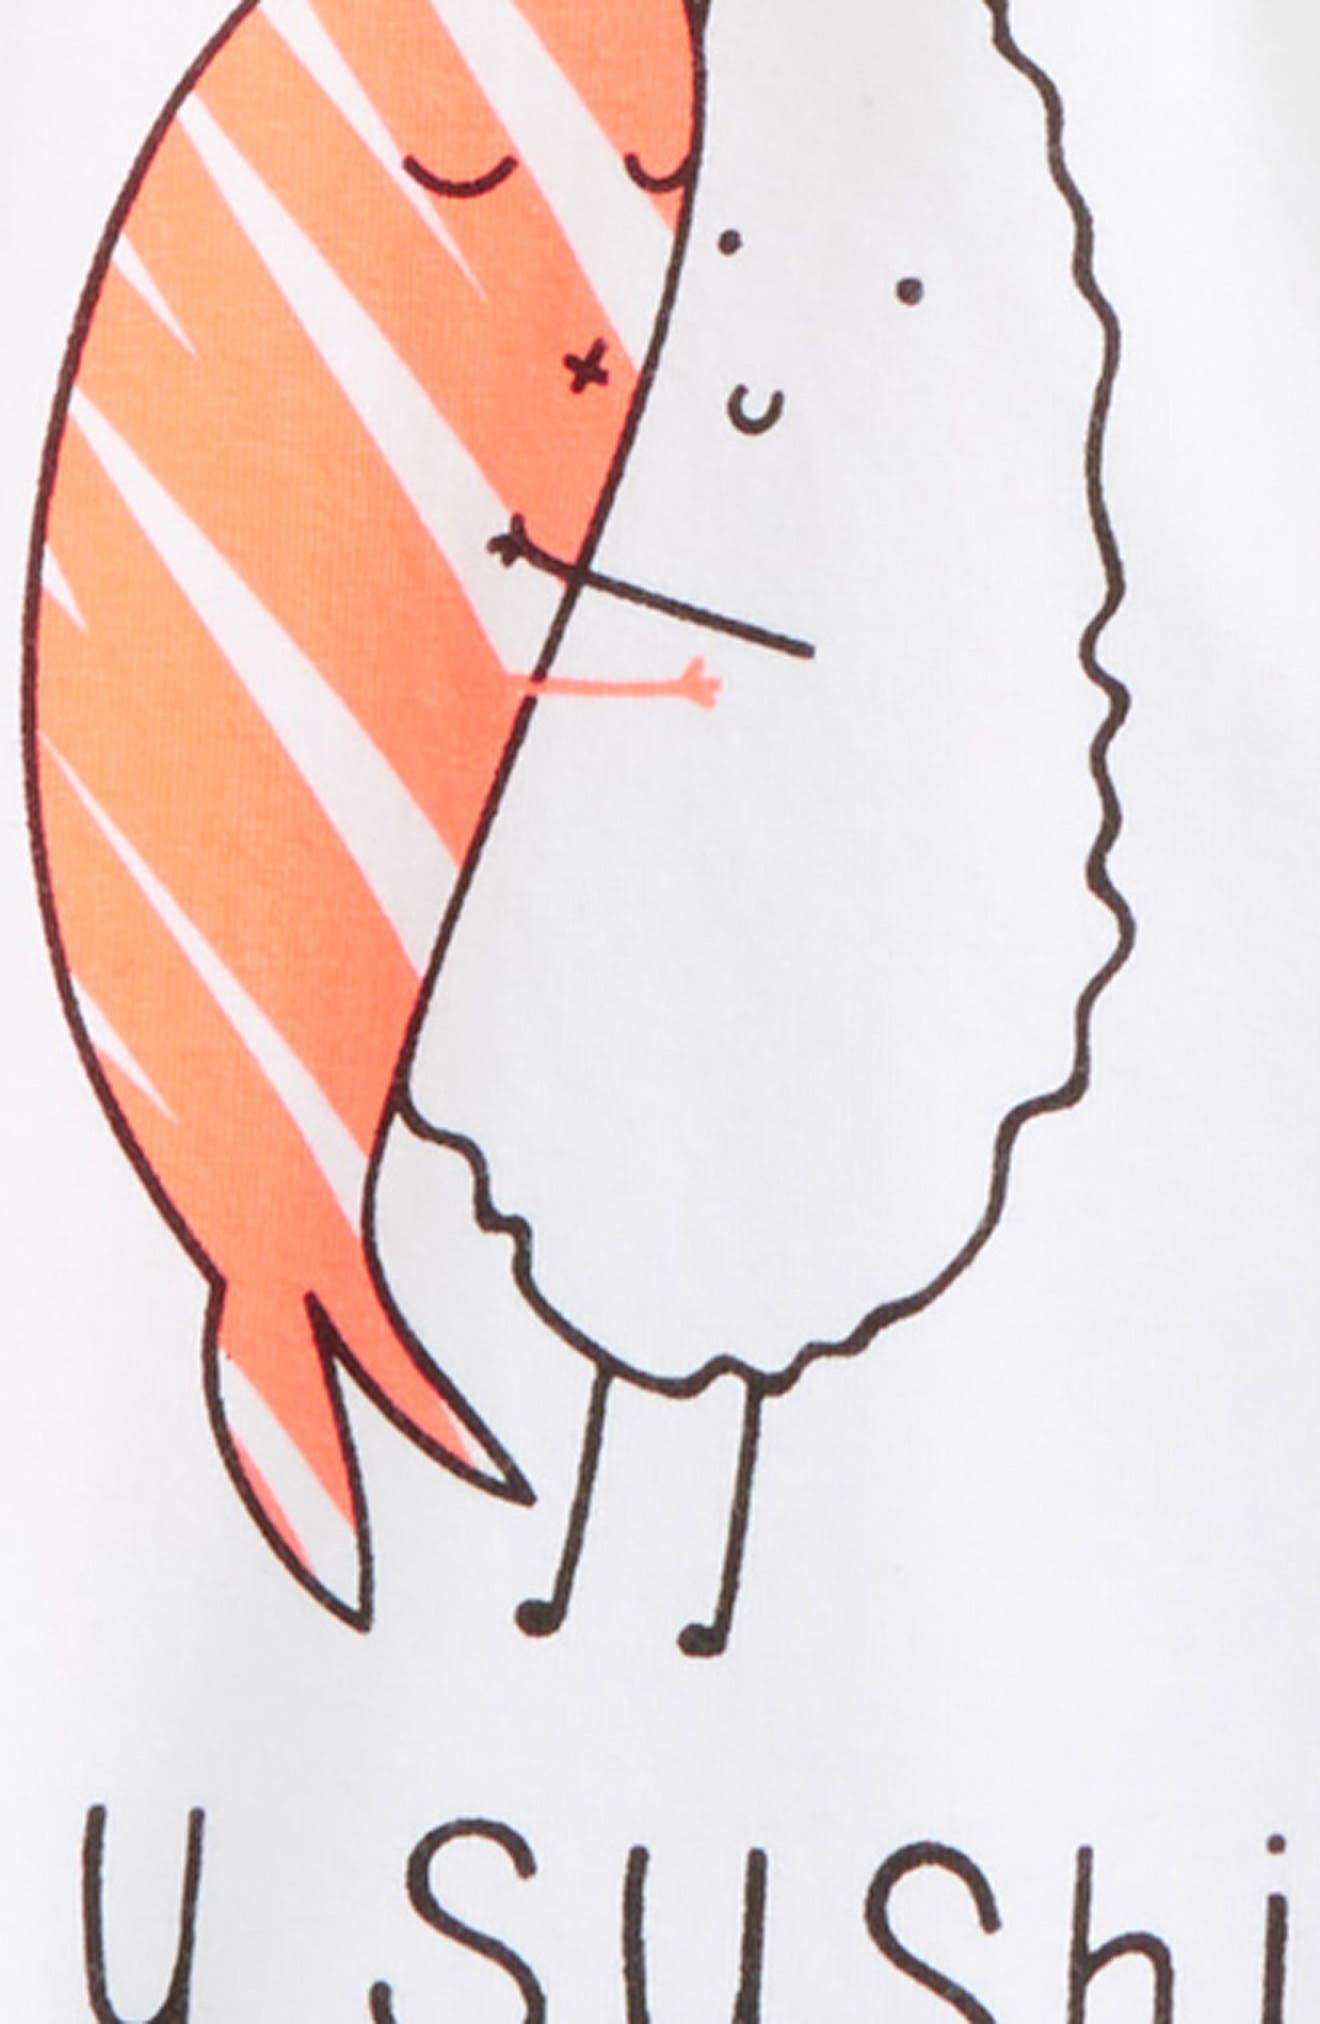 Love You Sushi Tee & Shorts Set,                             Alternate thumbnail 2, color,                             White/ Black